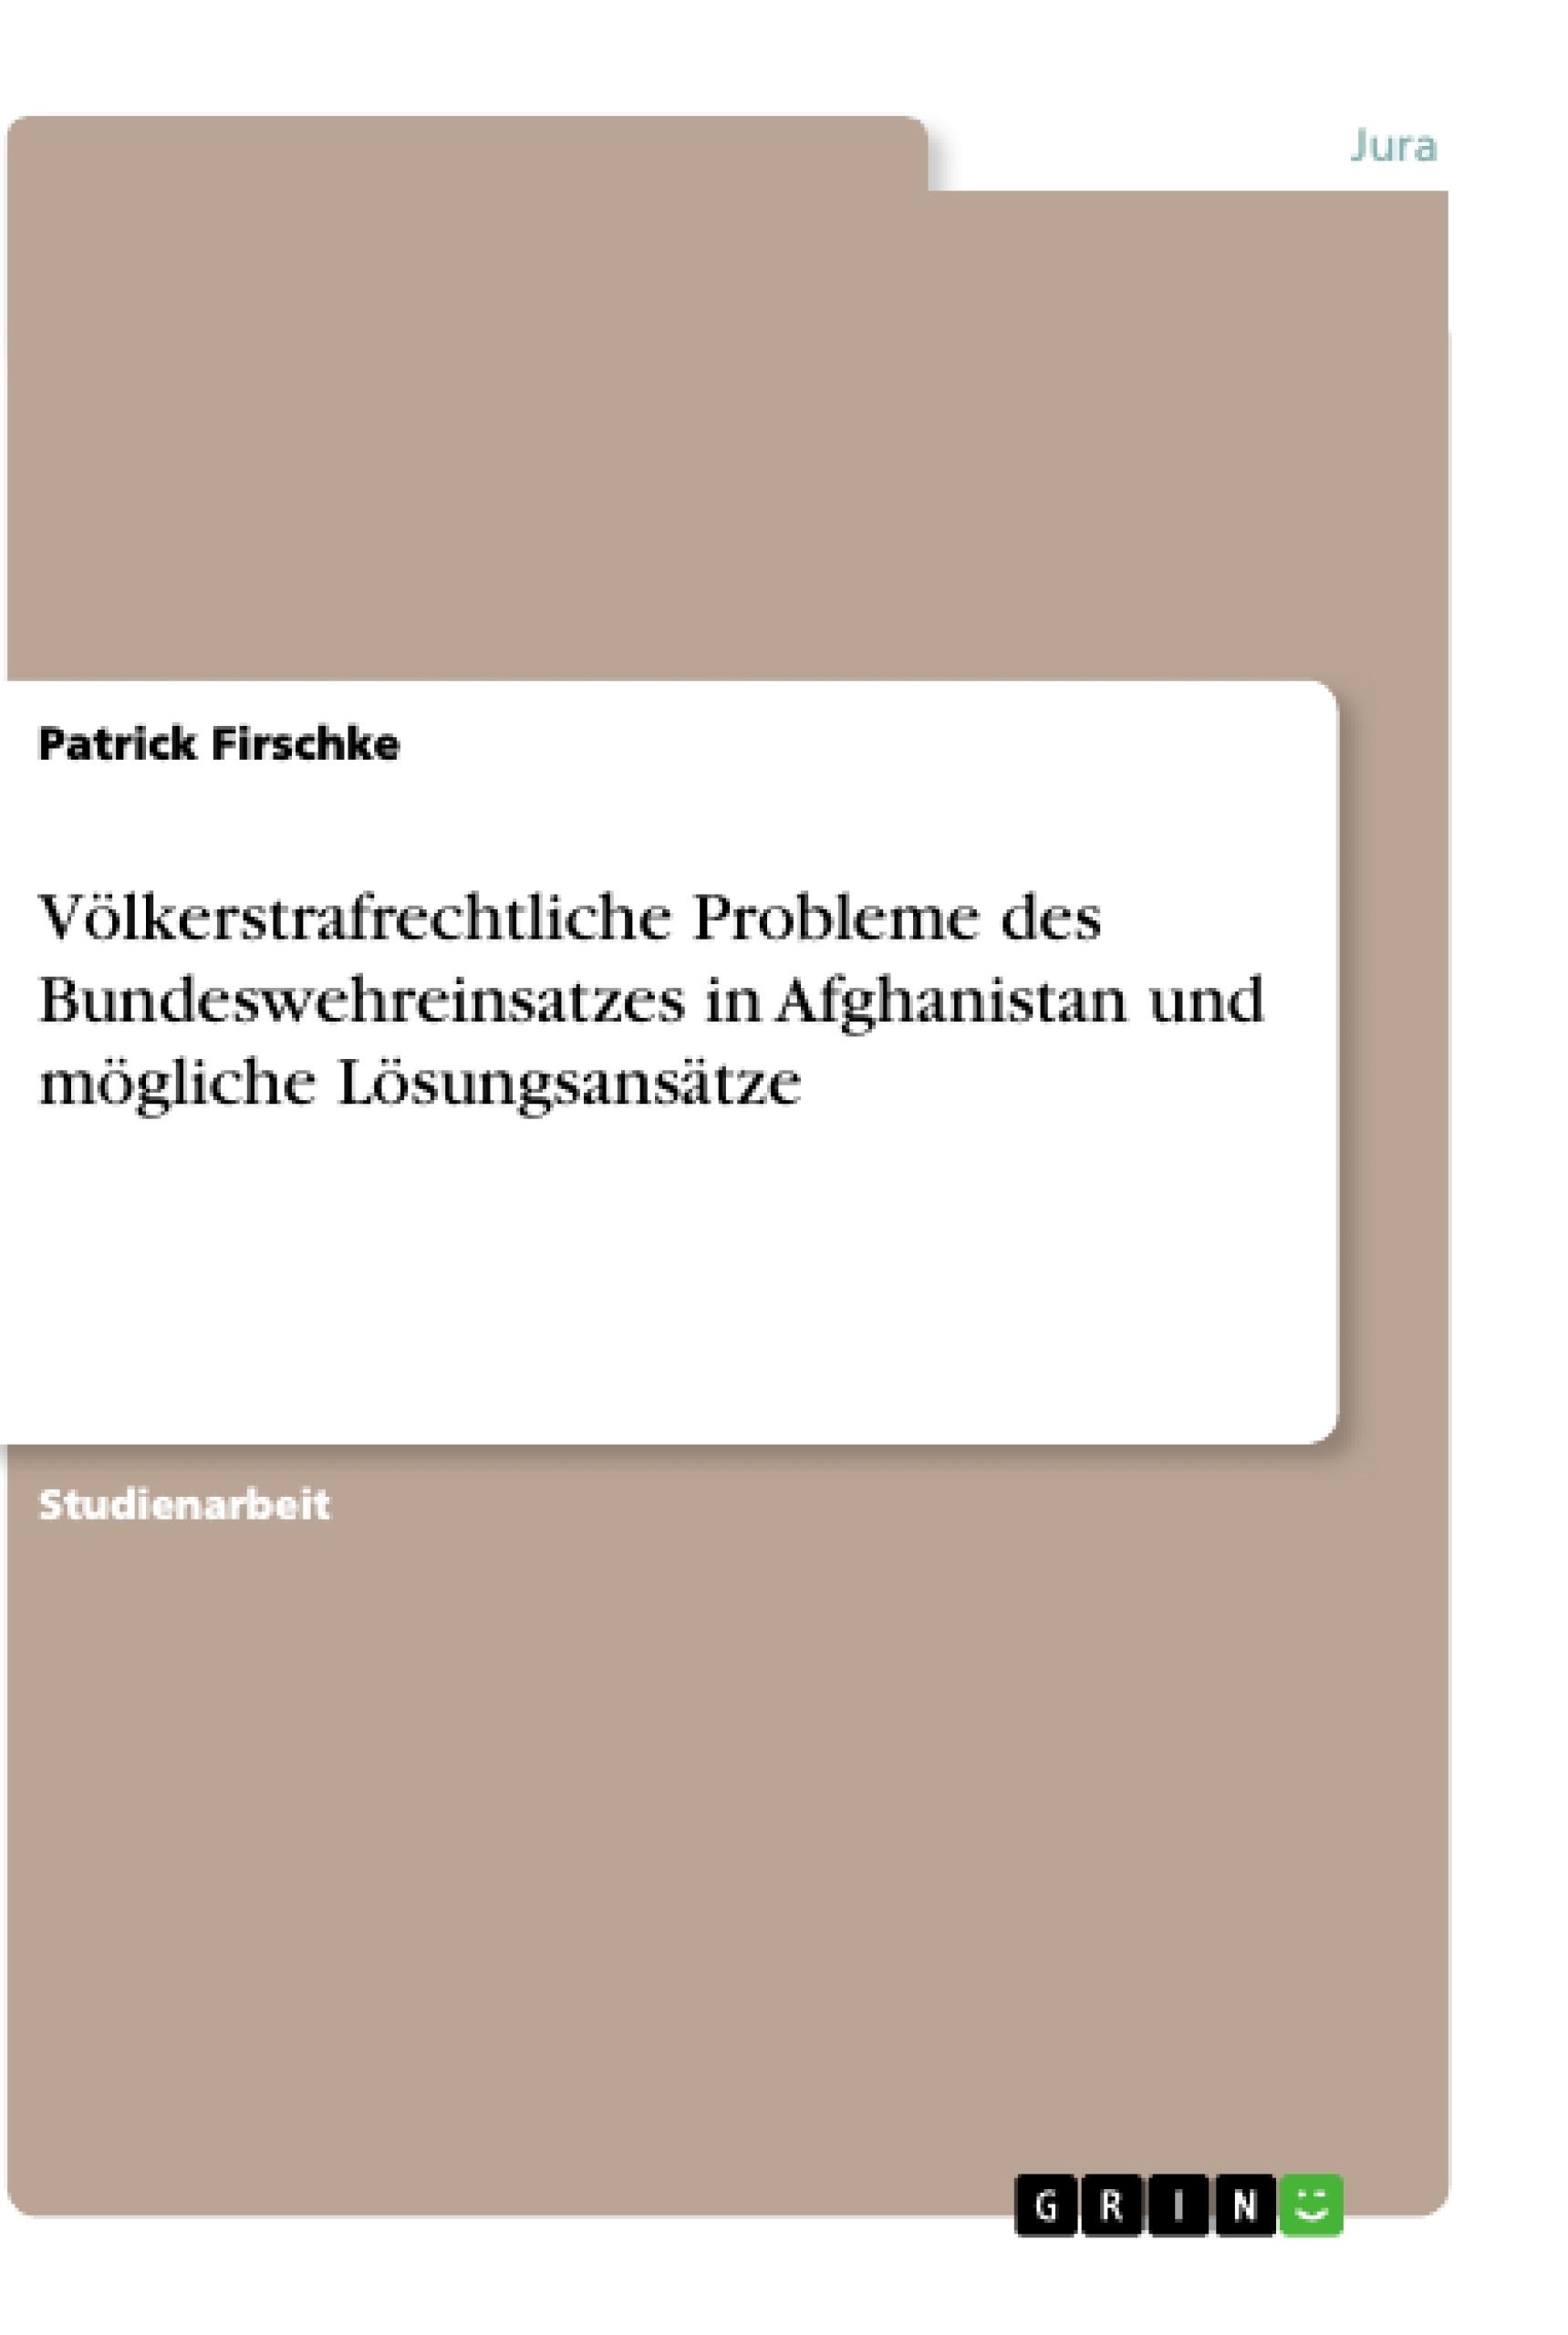 Titel: Völkerstrafrechtliche Probleme des Bundeswehreinsatzes in Afghanistan und mögliche Lösungsansätze